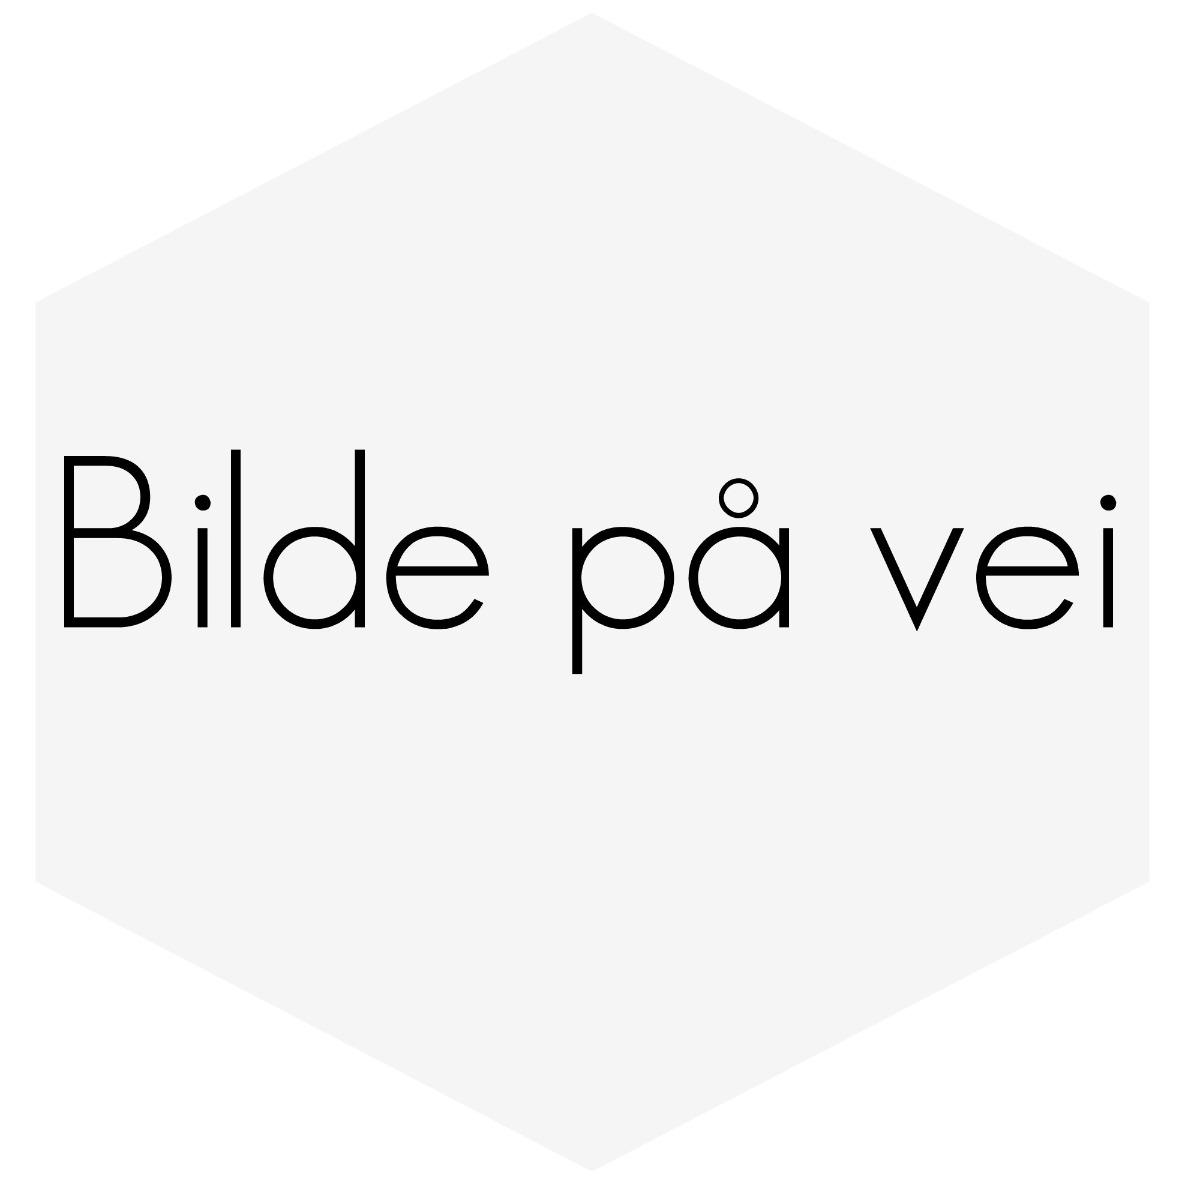 DEKK VINTER PIGG 235/60-18 VREDESTEIN WINTRAC ICE TILBUDSPRI